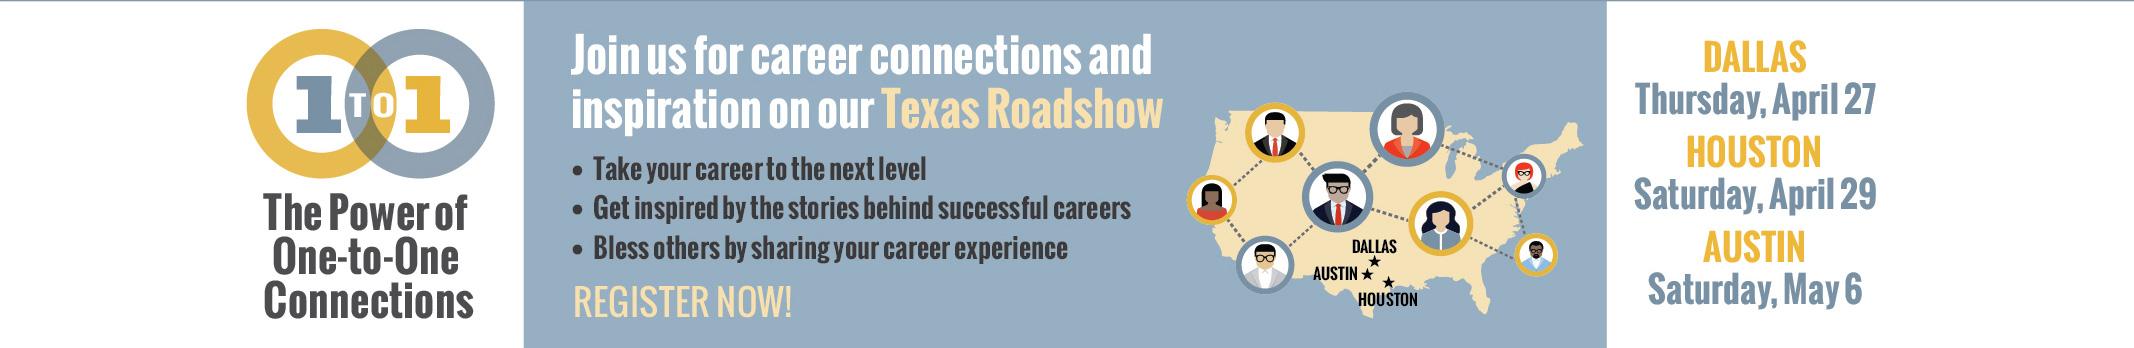 Texas Road Show